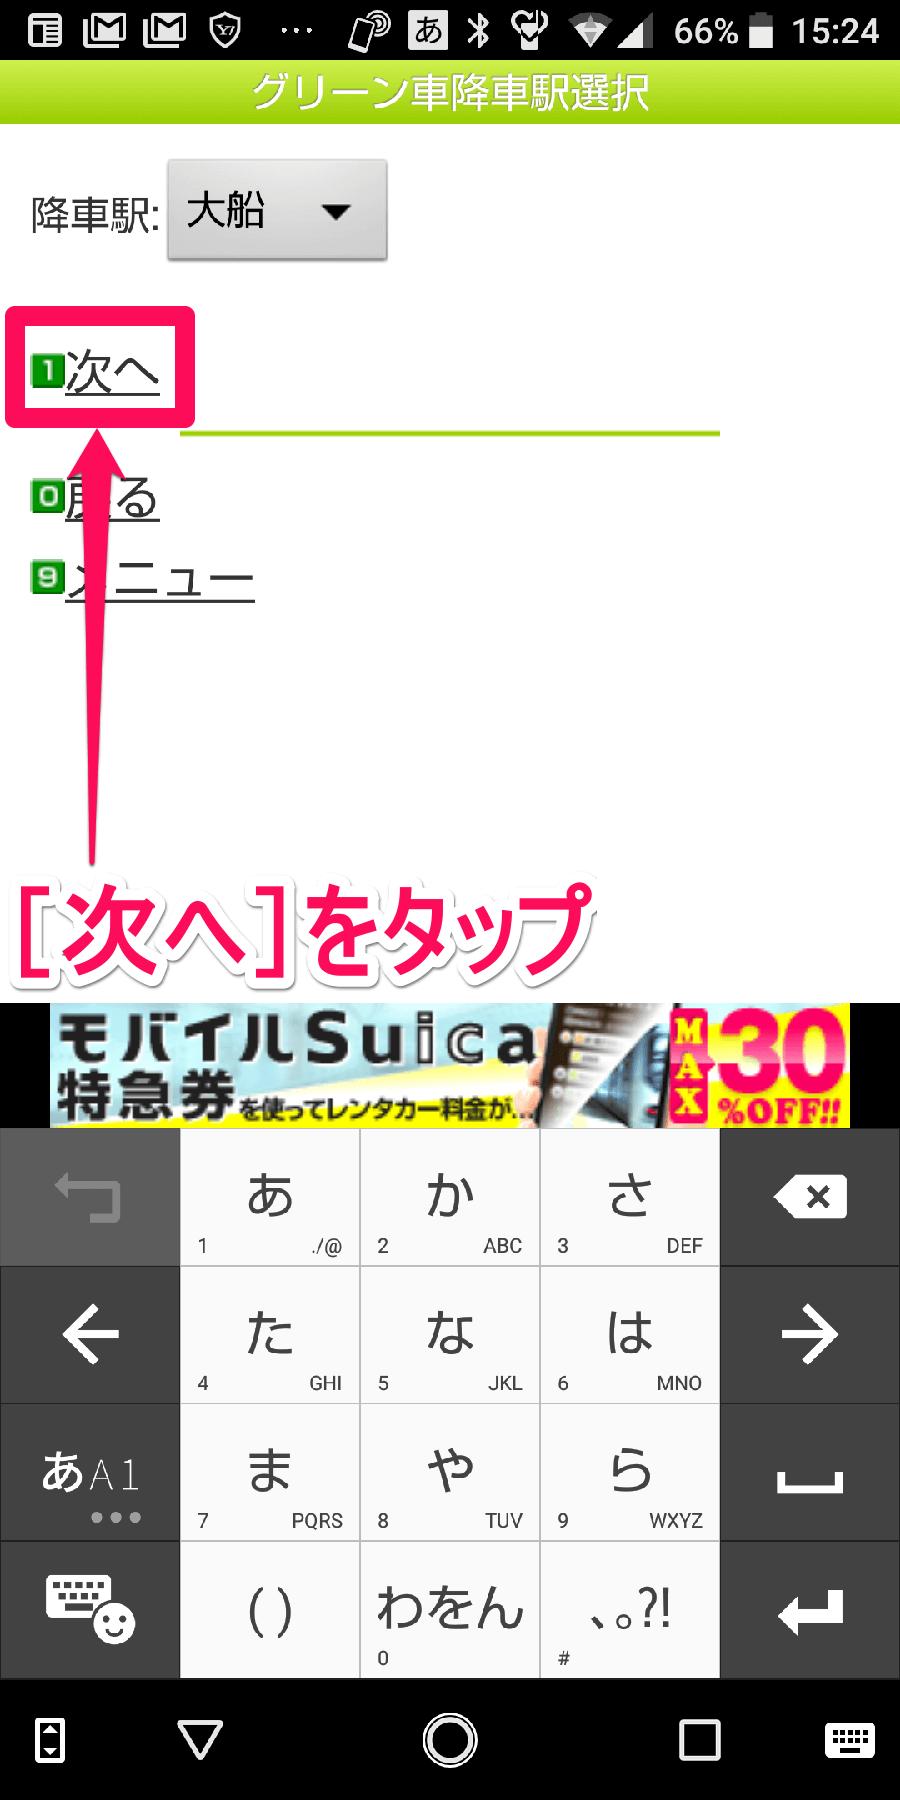 Android(アンドロイド)スマートフォン版「モバイルSuica」アプリの「グリーン車降車駅選択」画面